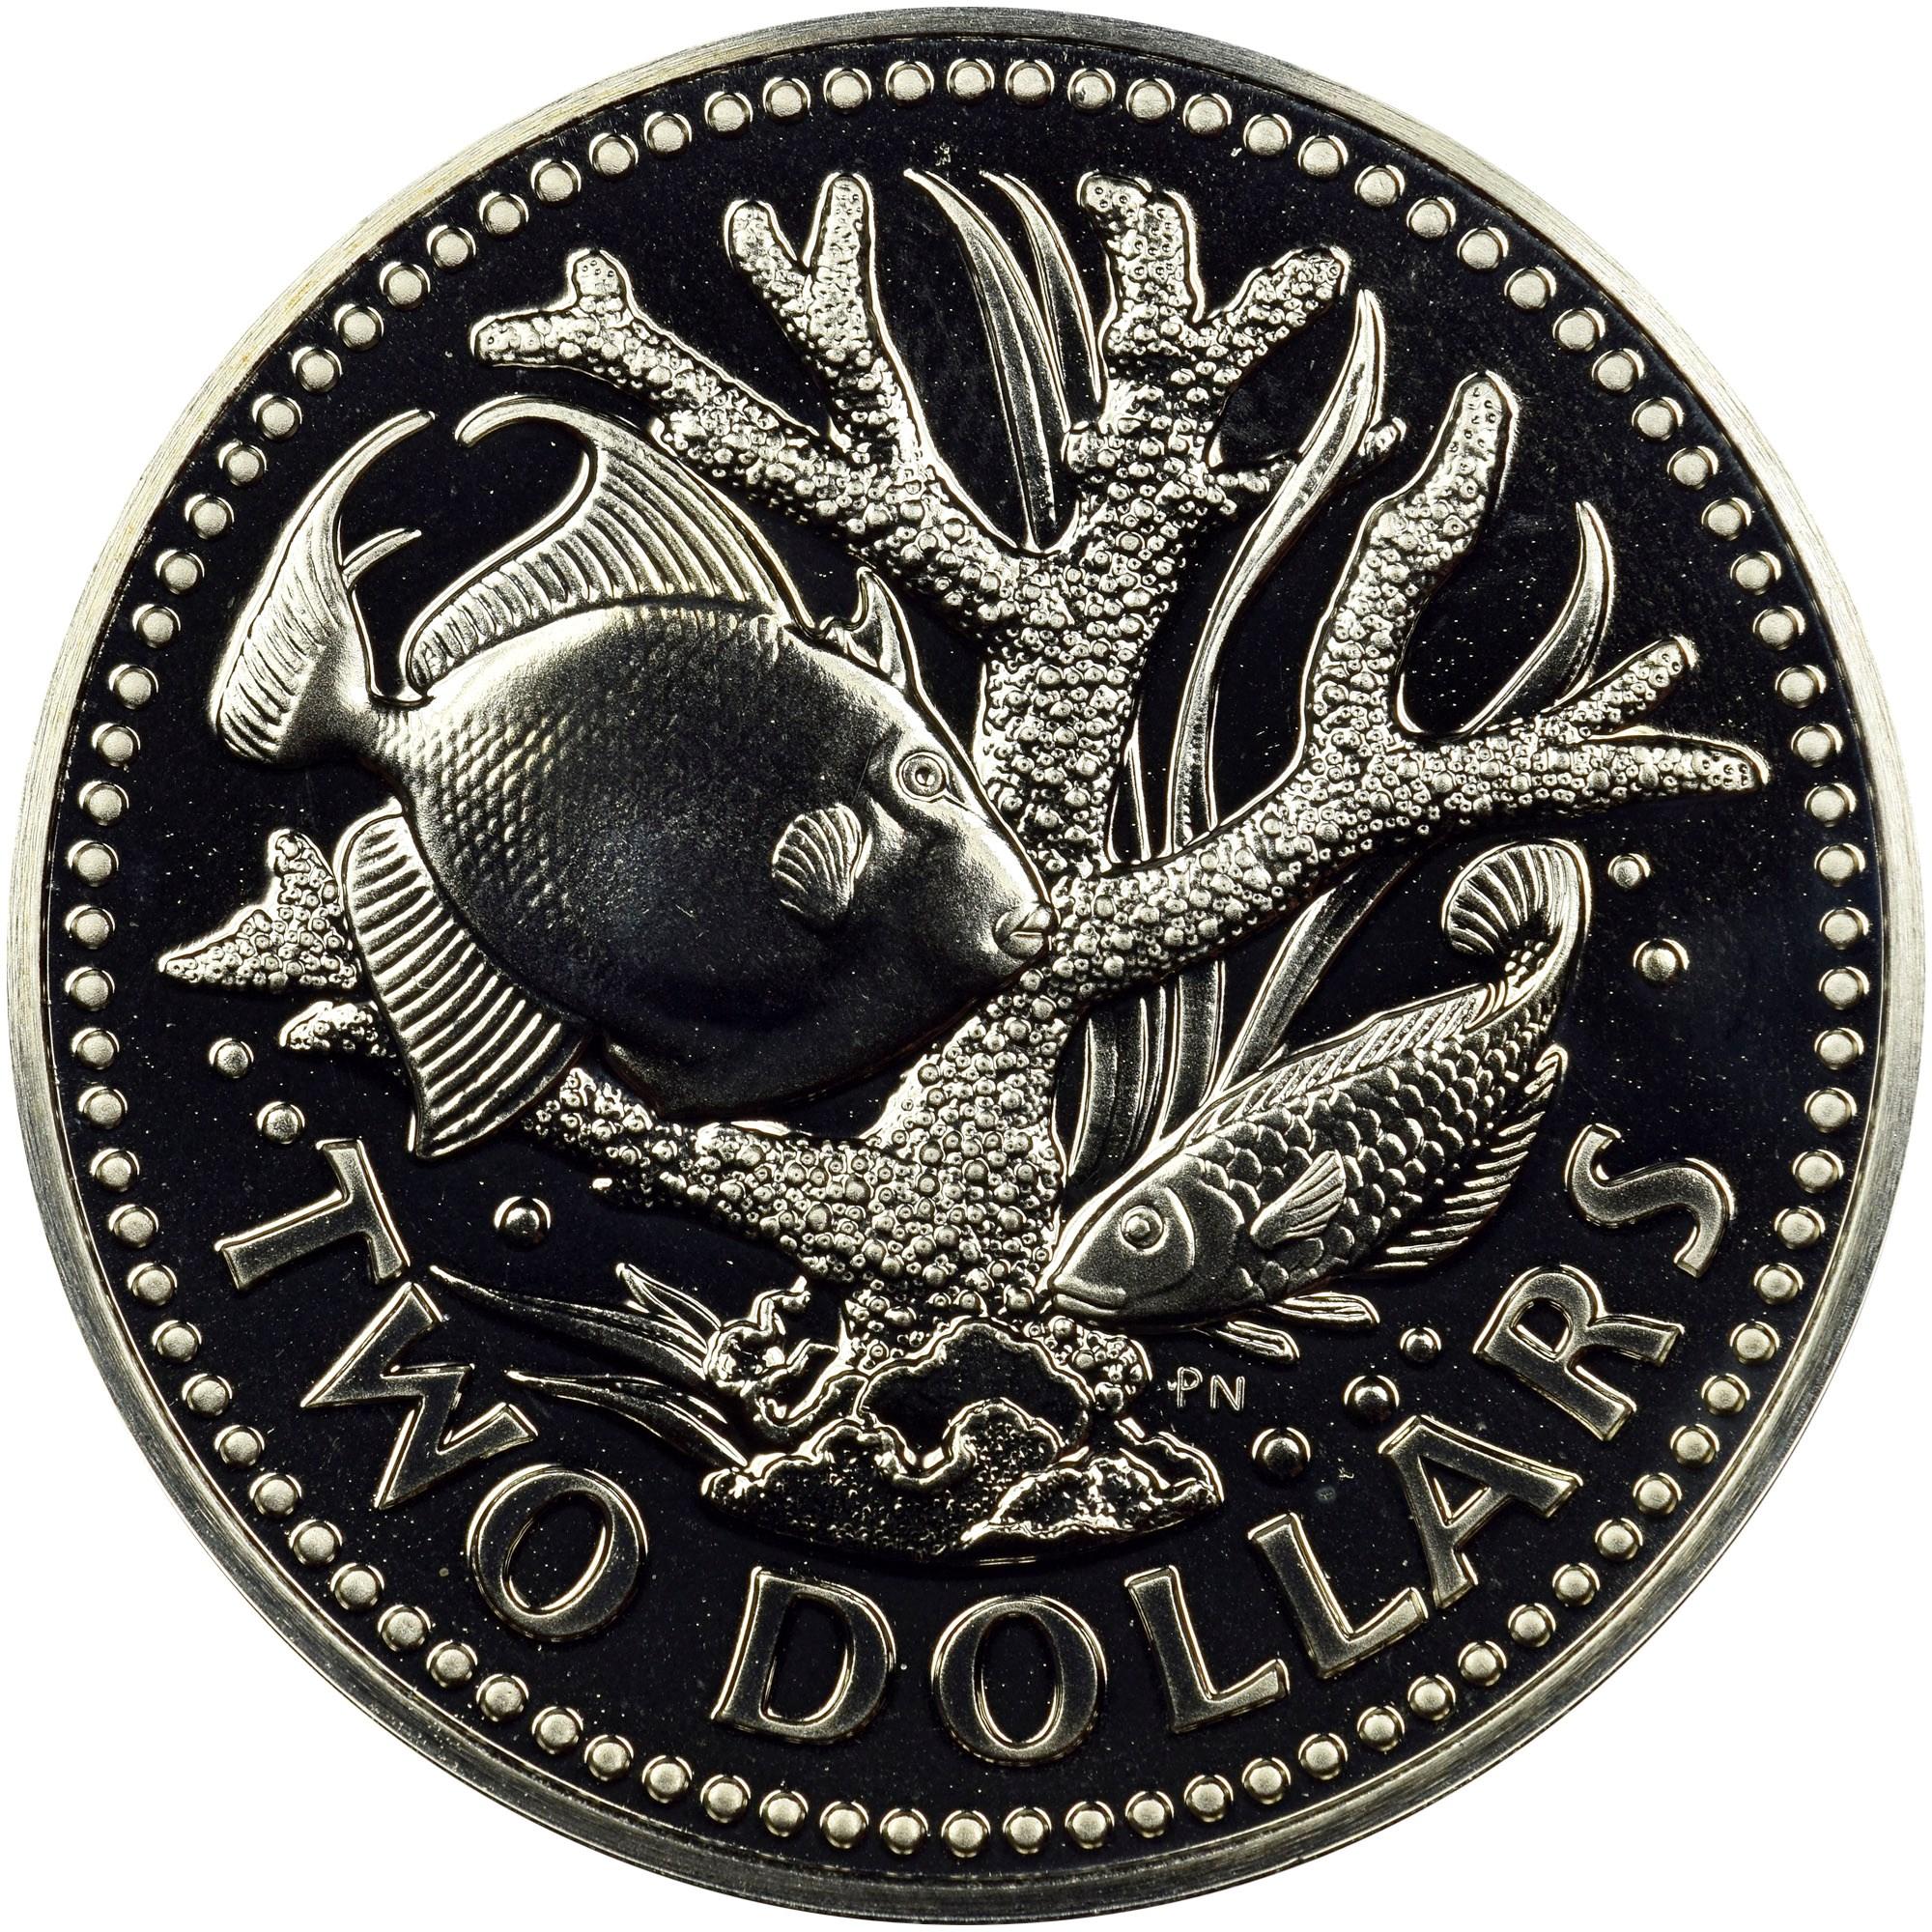 Barbados 2 Dollars reverse